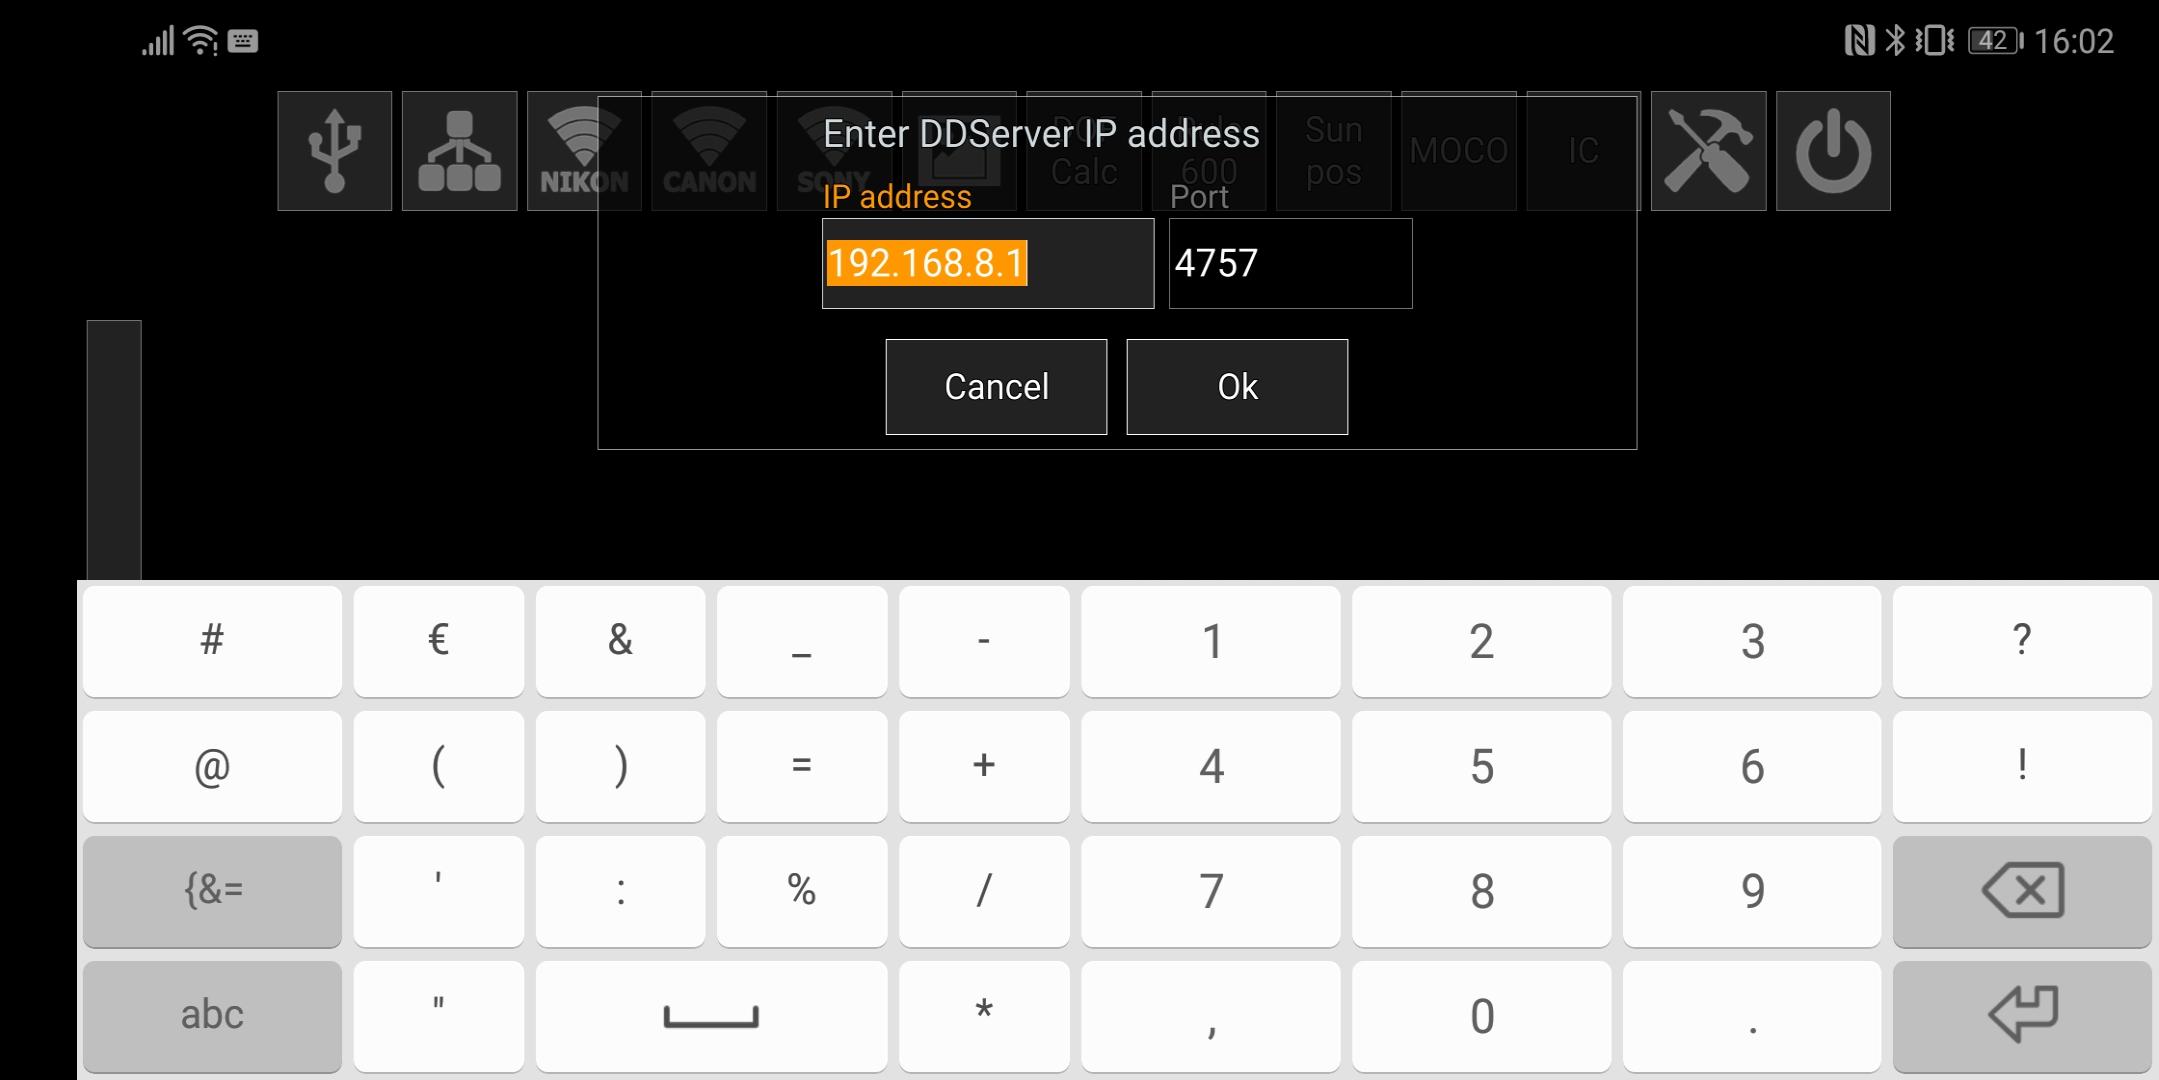 Die IP Adresse Des Routers Eingeben 19216881 OK Drucken Einstellung Der Muss Nur Beim Ersten Mal Erfolgen Danach Merk QDDB Sie Sich